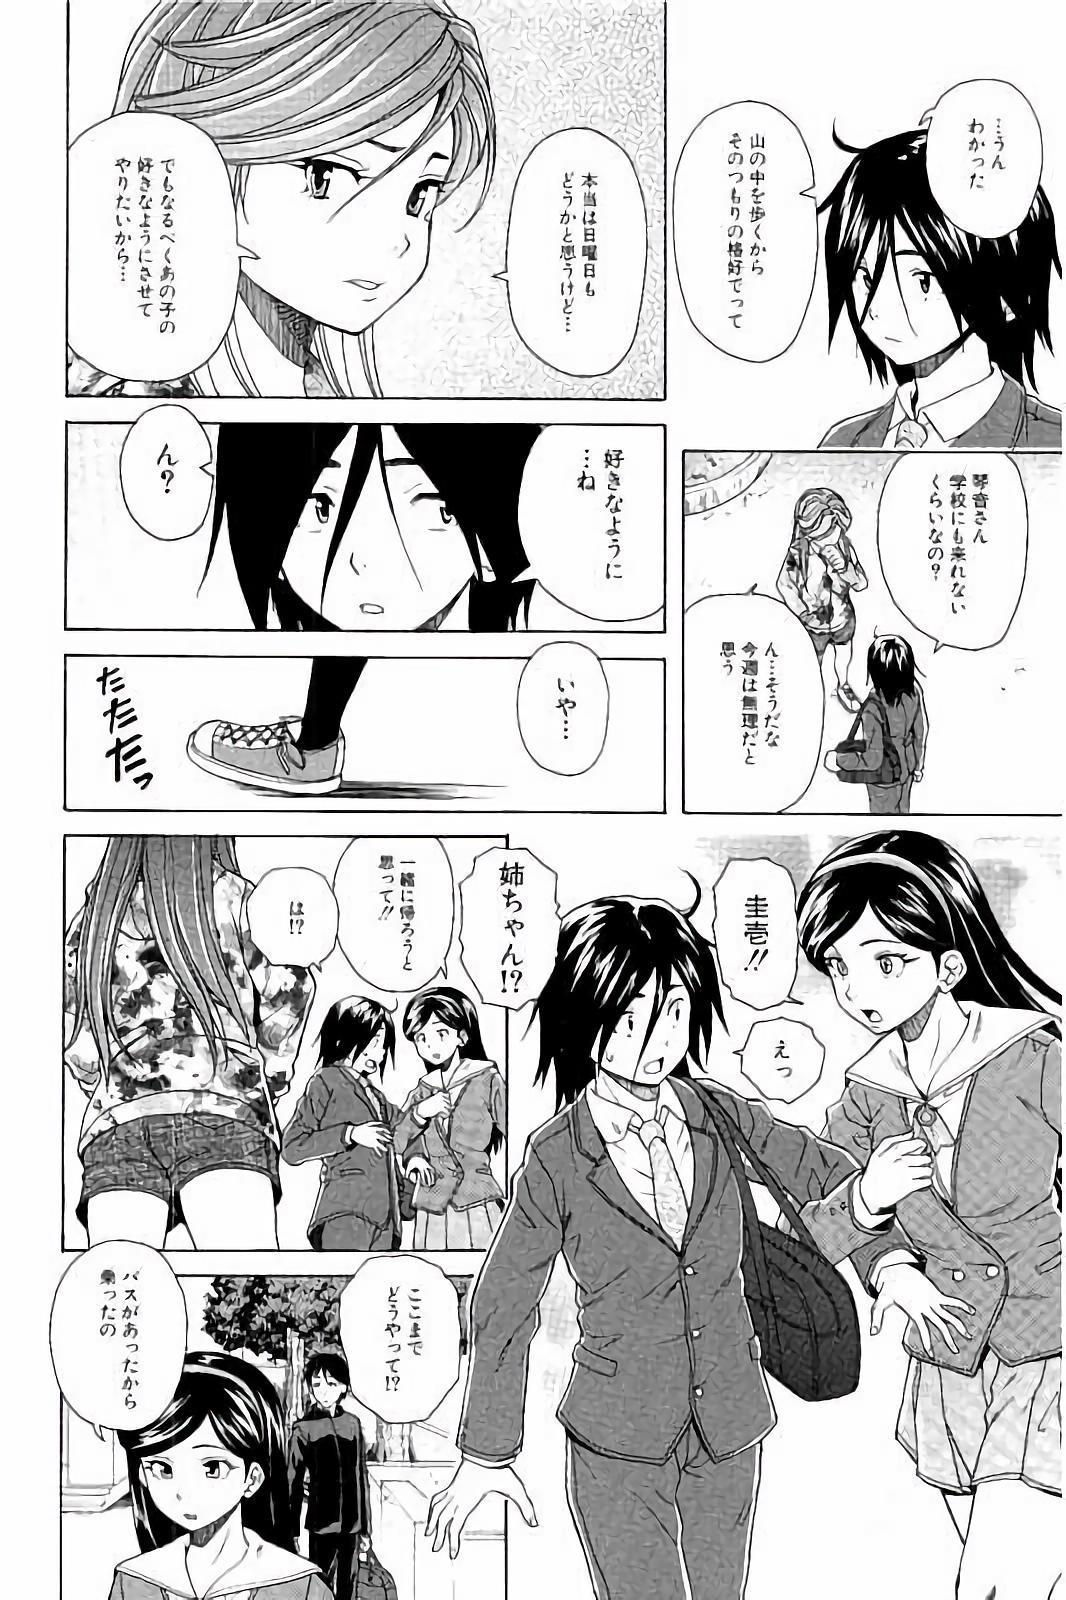 Ane no Himitsu To Boku no Jisatsu 67